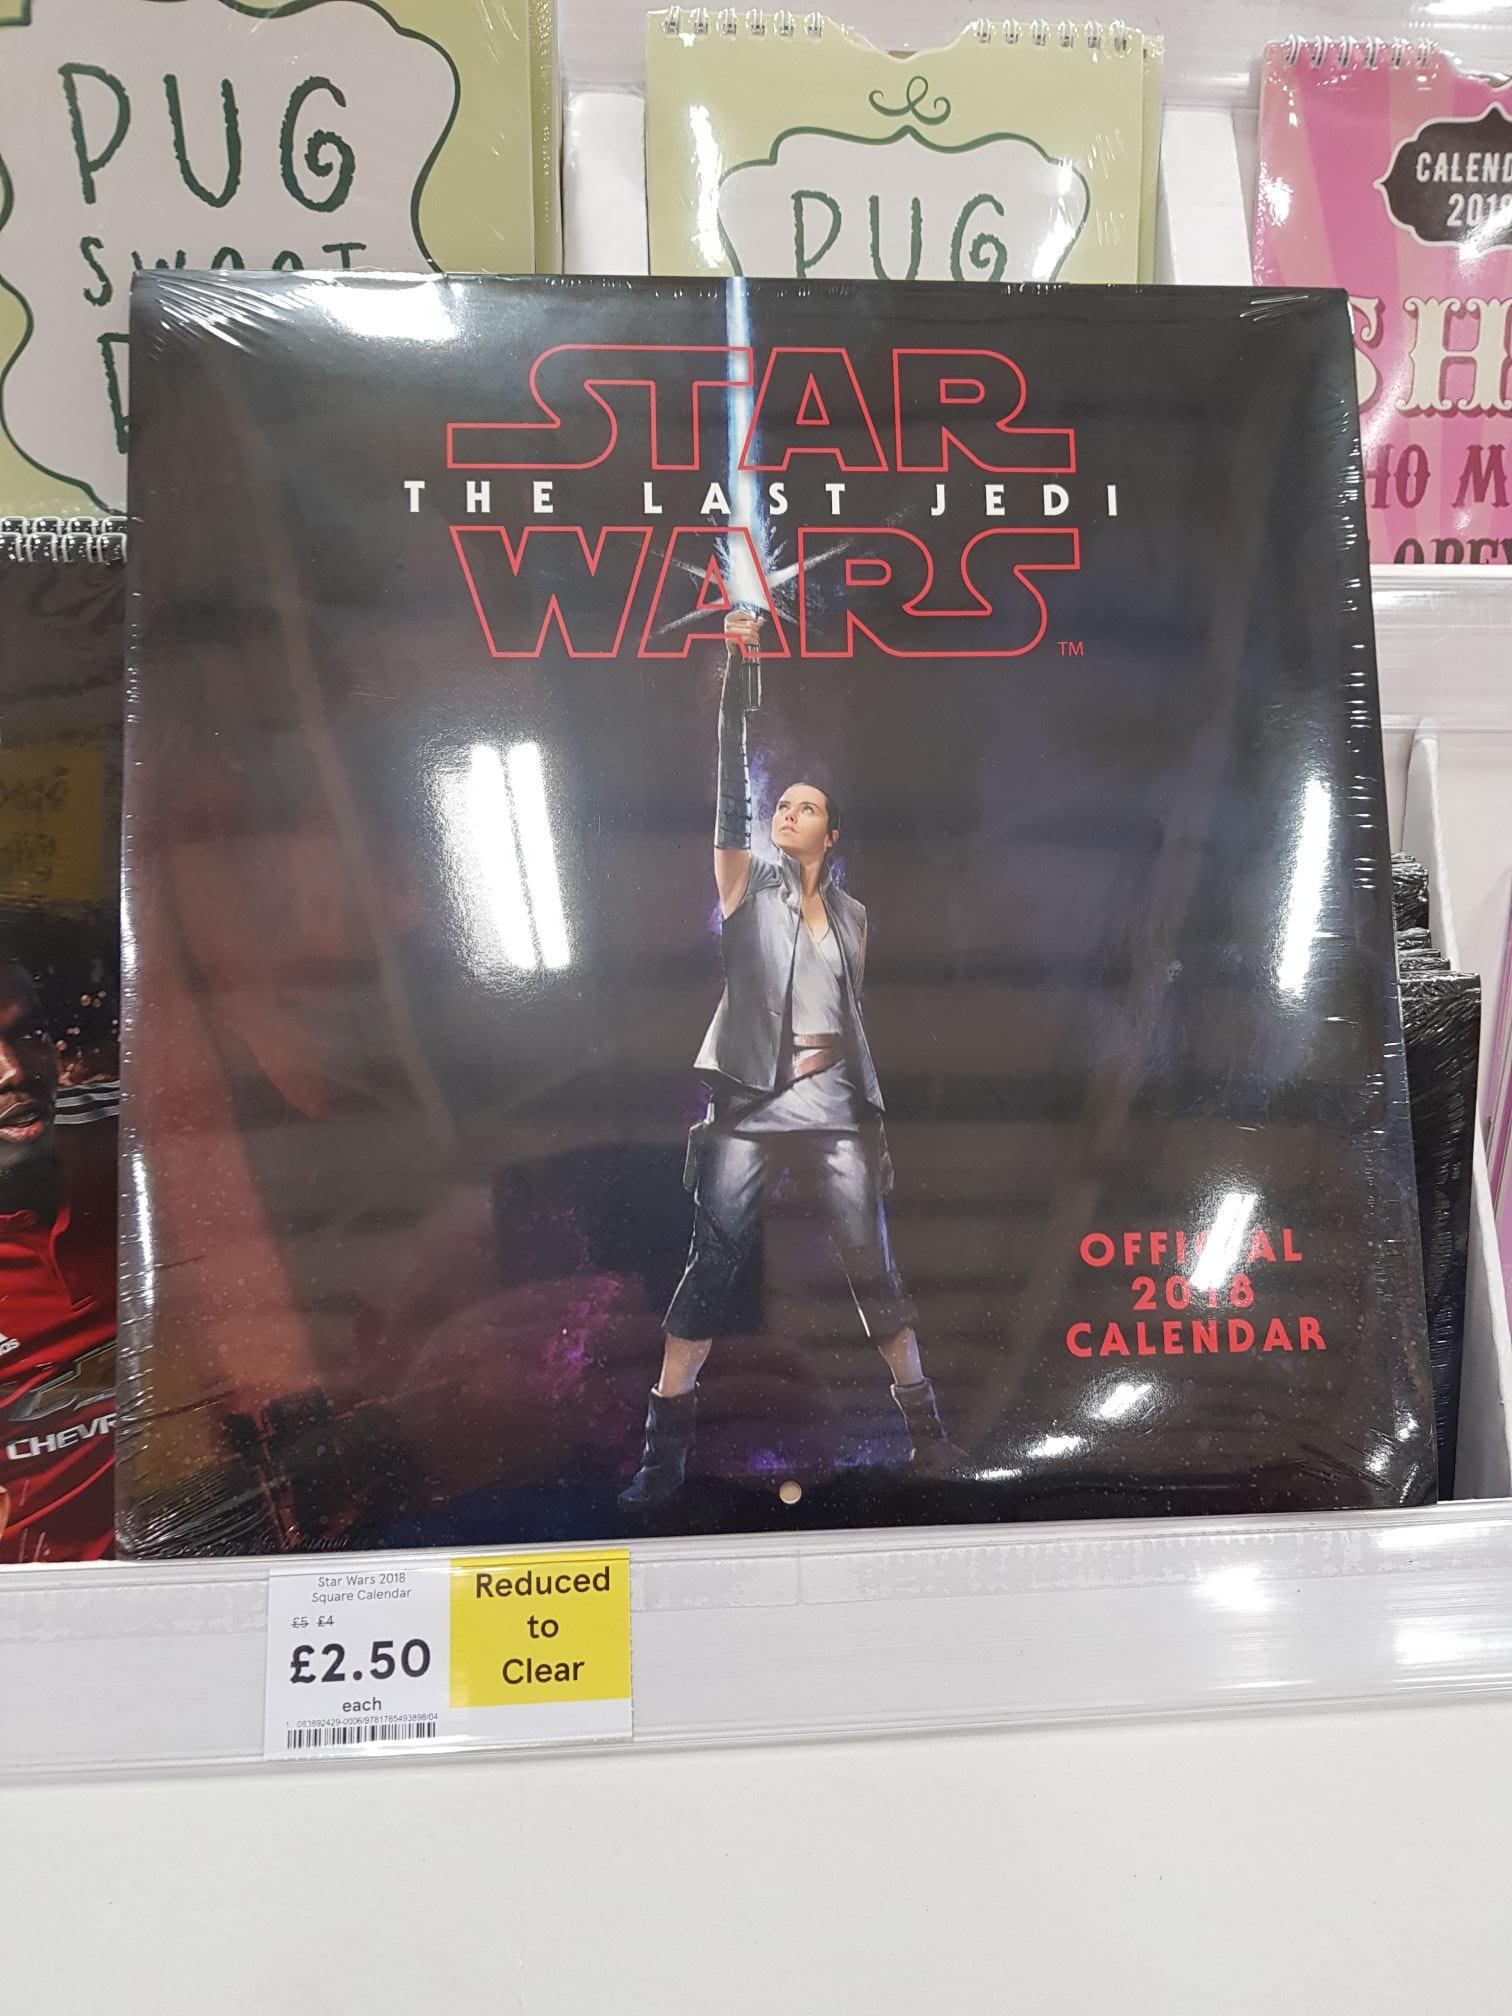 Star wars 2018 official calendar £2.50 @ Tesco - Warrington